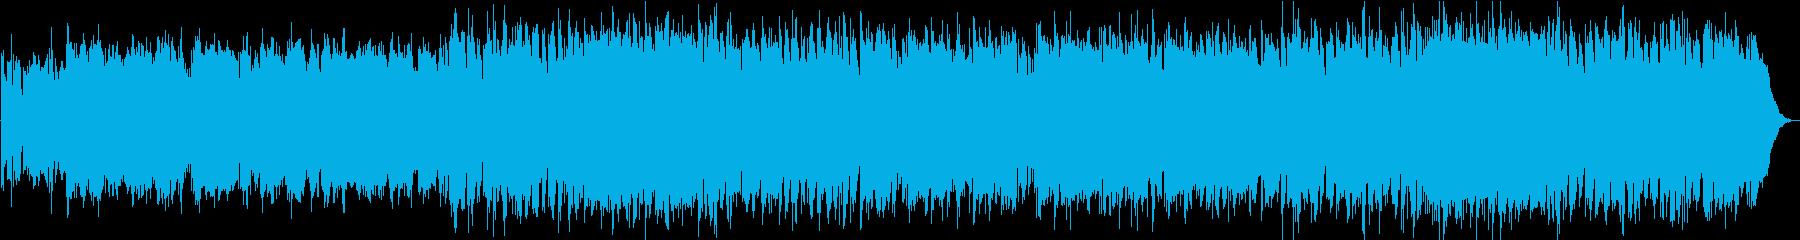 和楽器を使った和風オリジナル幻想曲です。の再生済みの波形